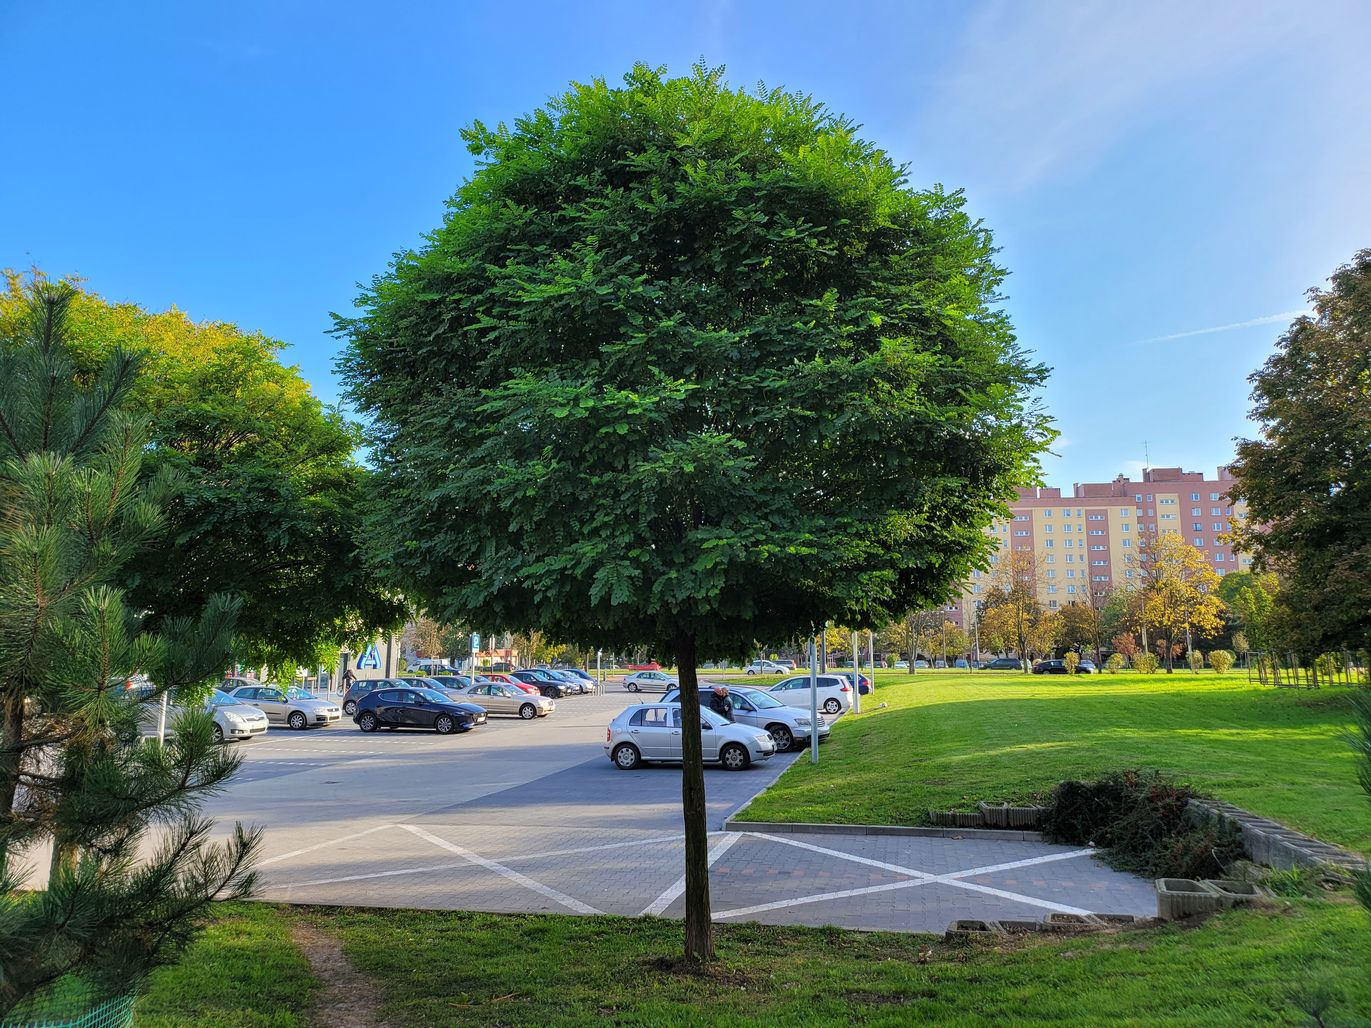 Z Fold2 drzewko